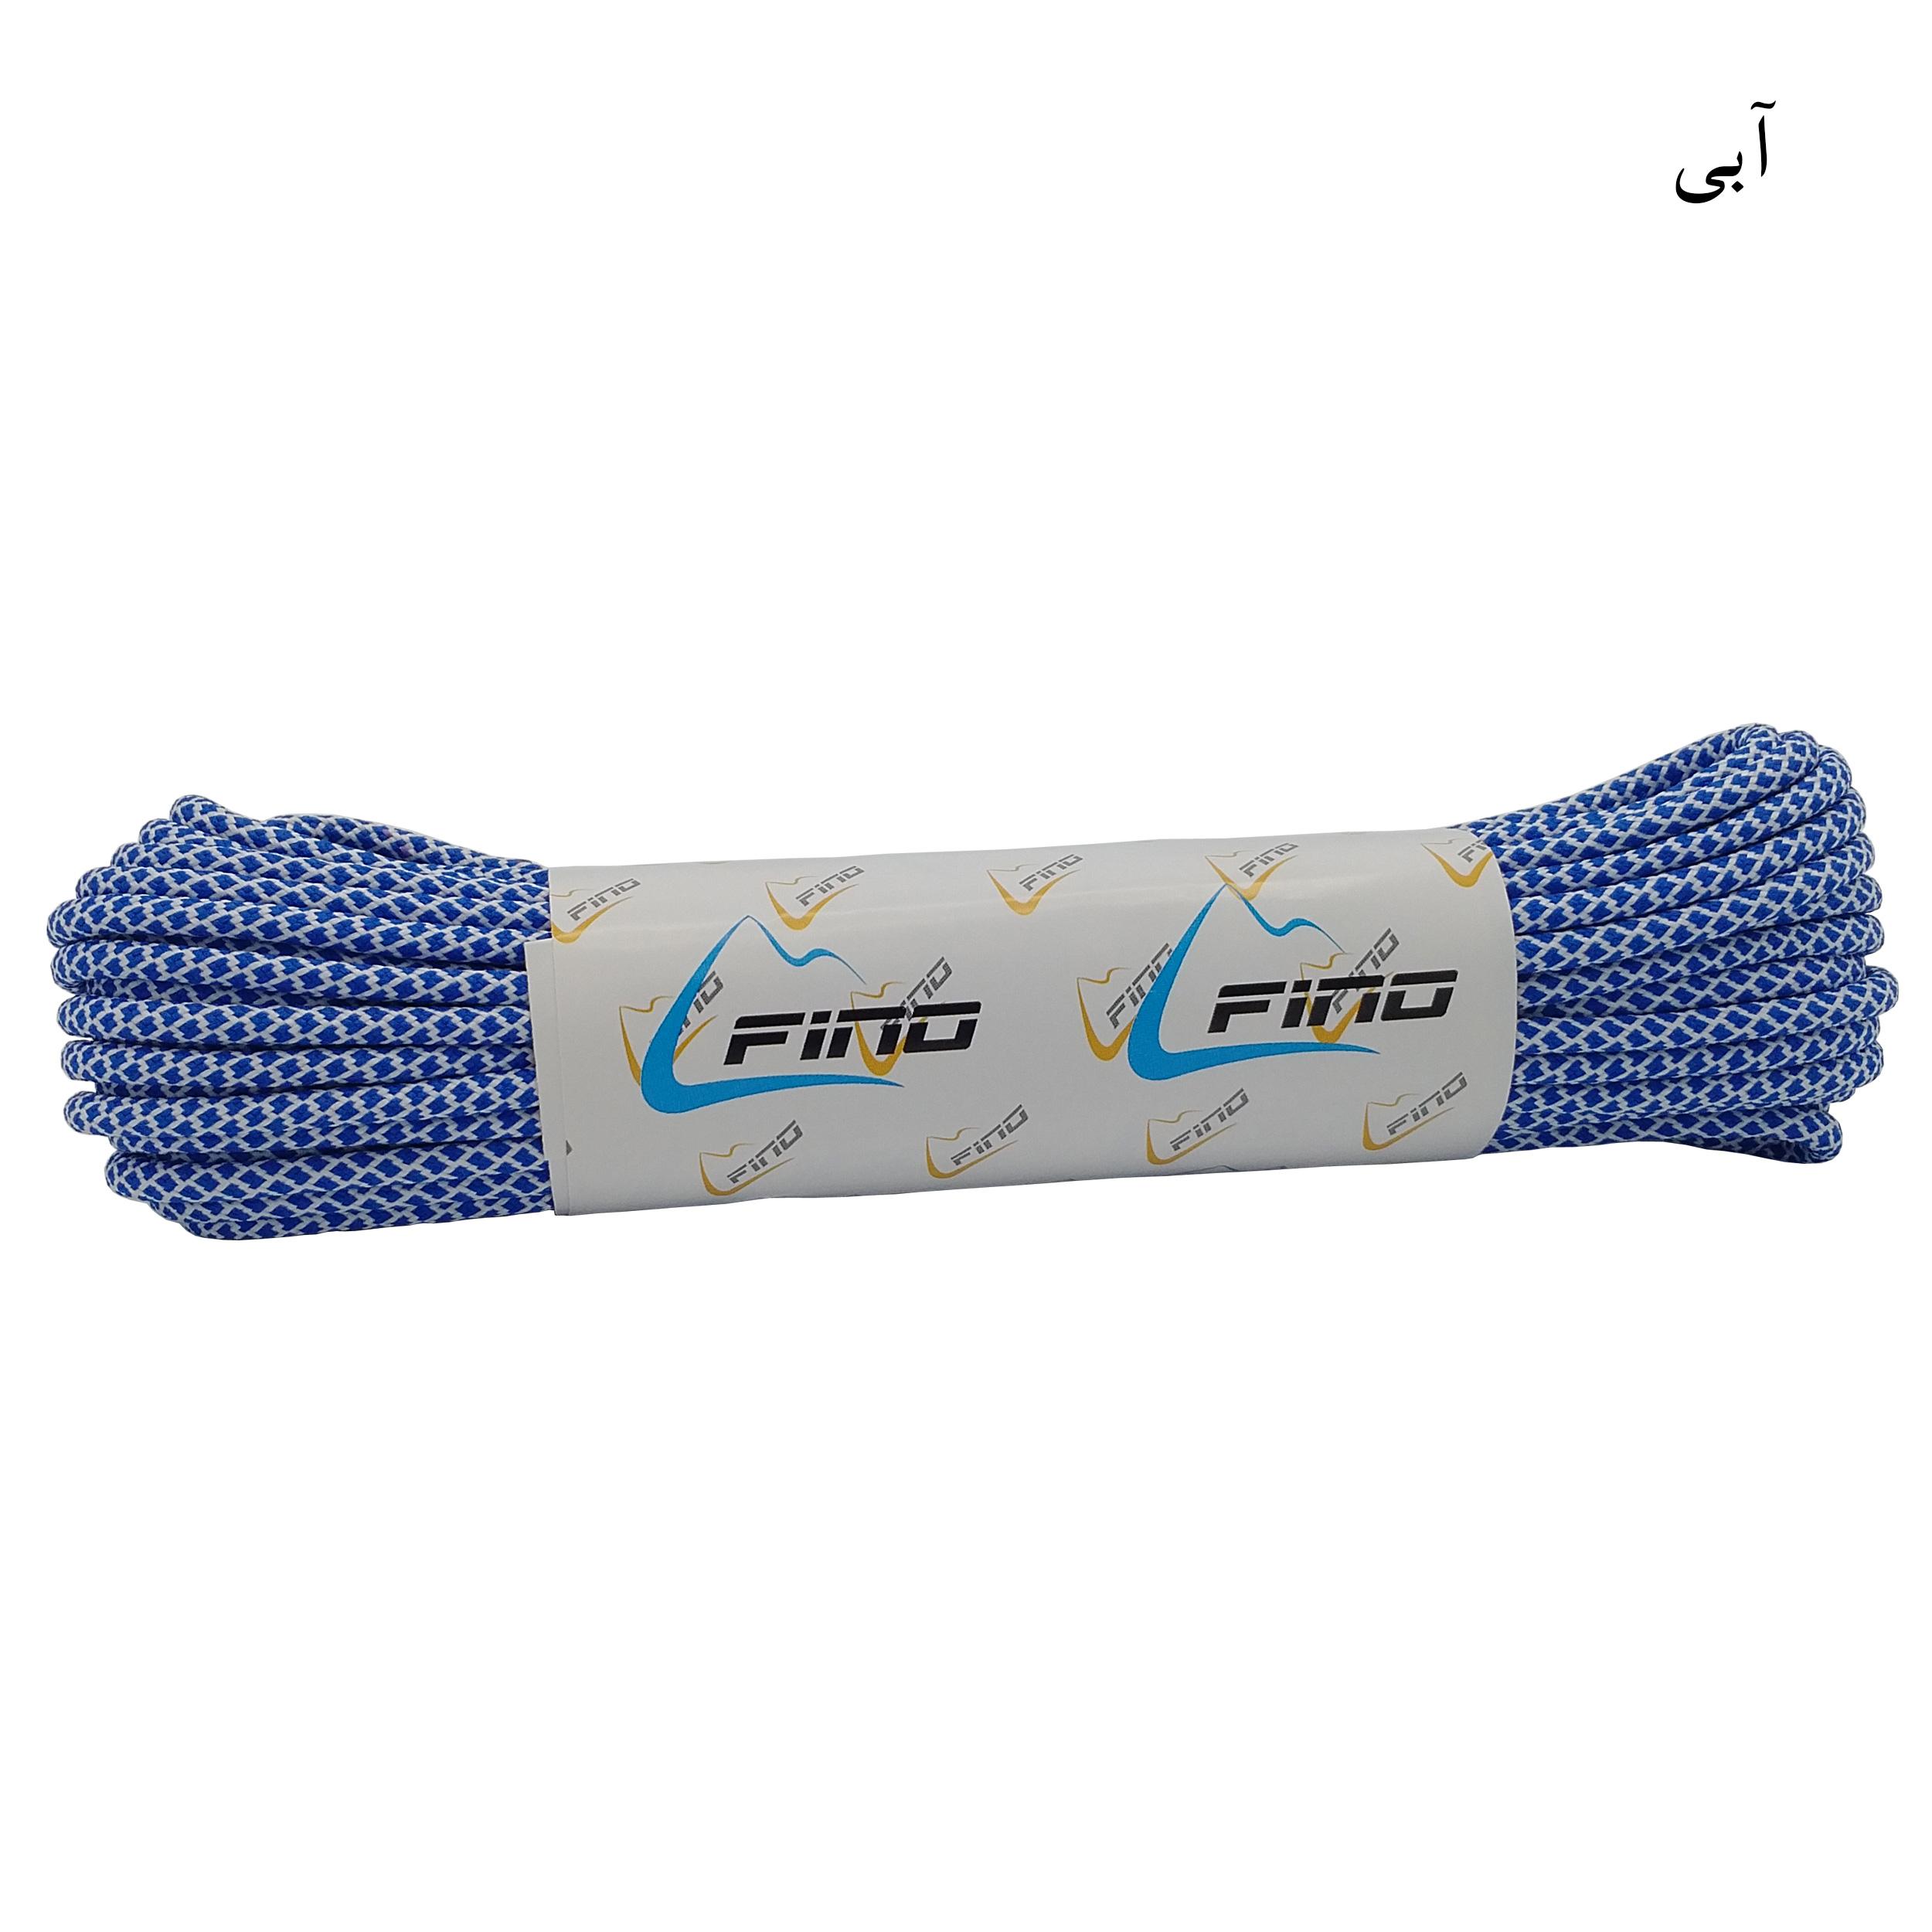 طناب پاراکورد 15 متری فینو مدل BEO-1